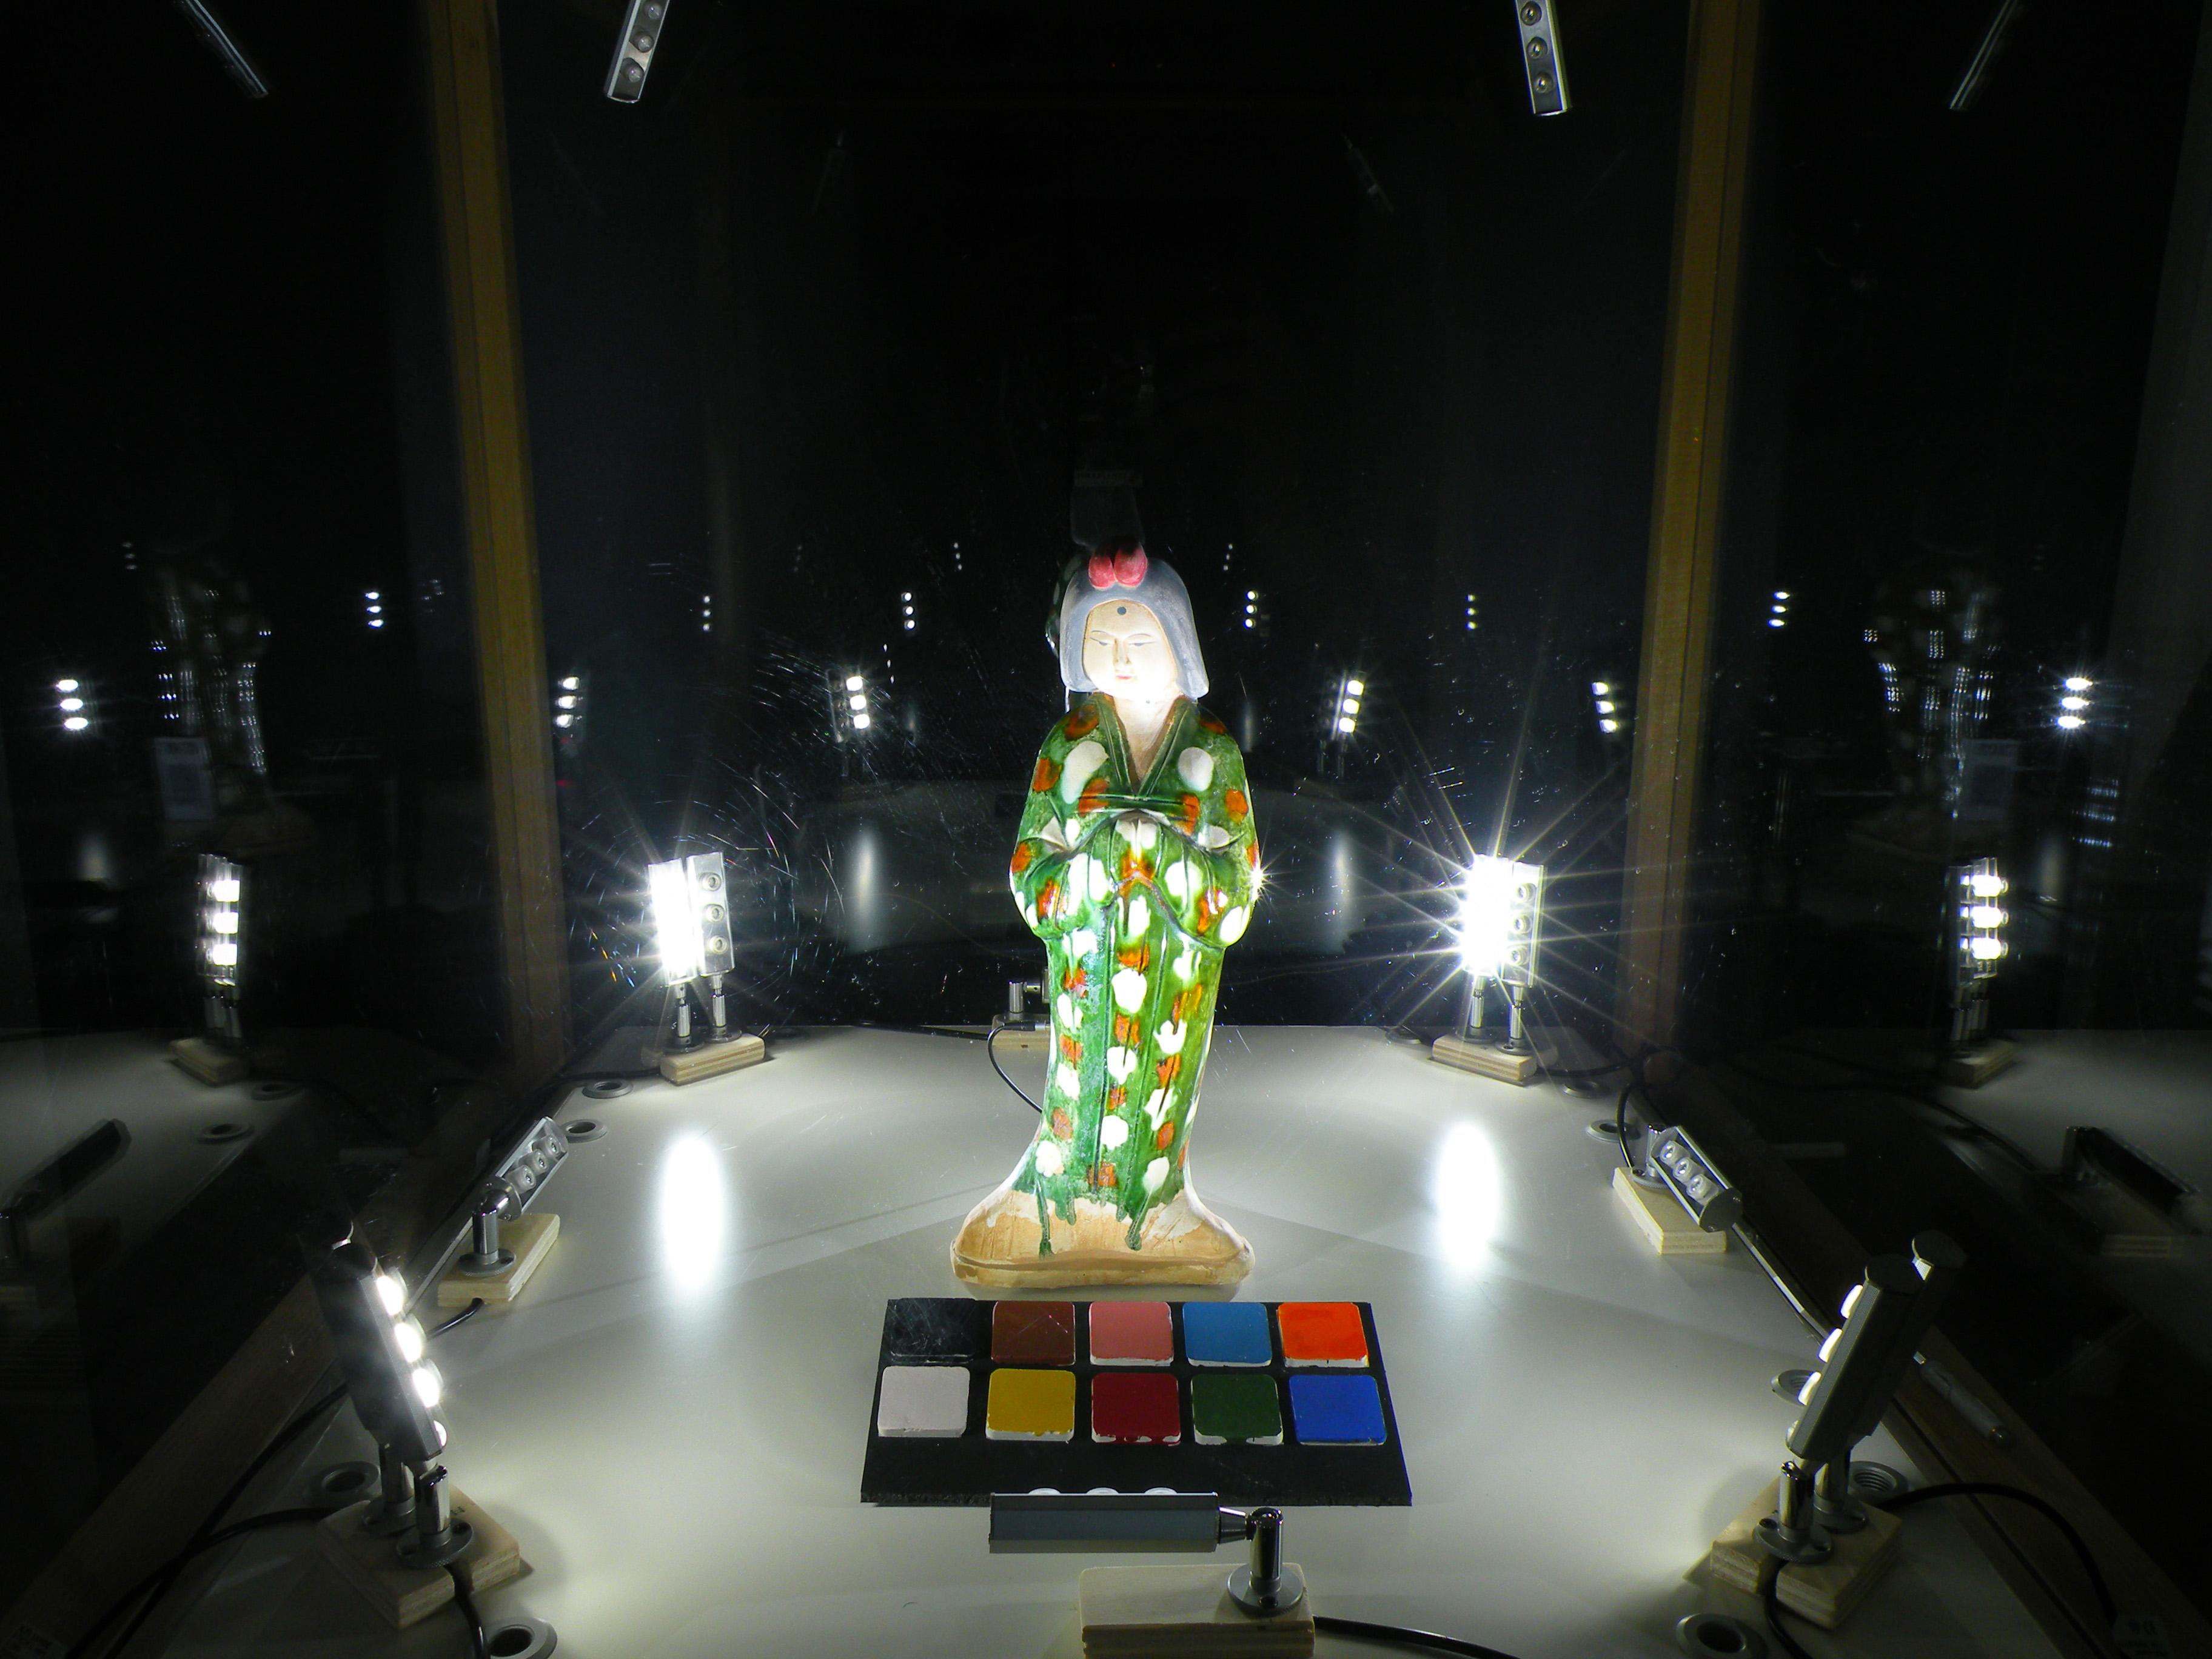 Sistemi led per applicazioni in vetrine museali luce e design